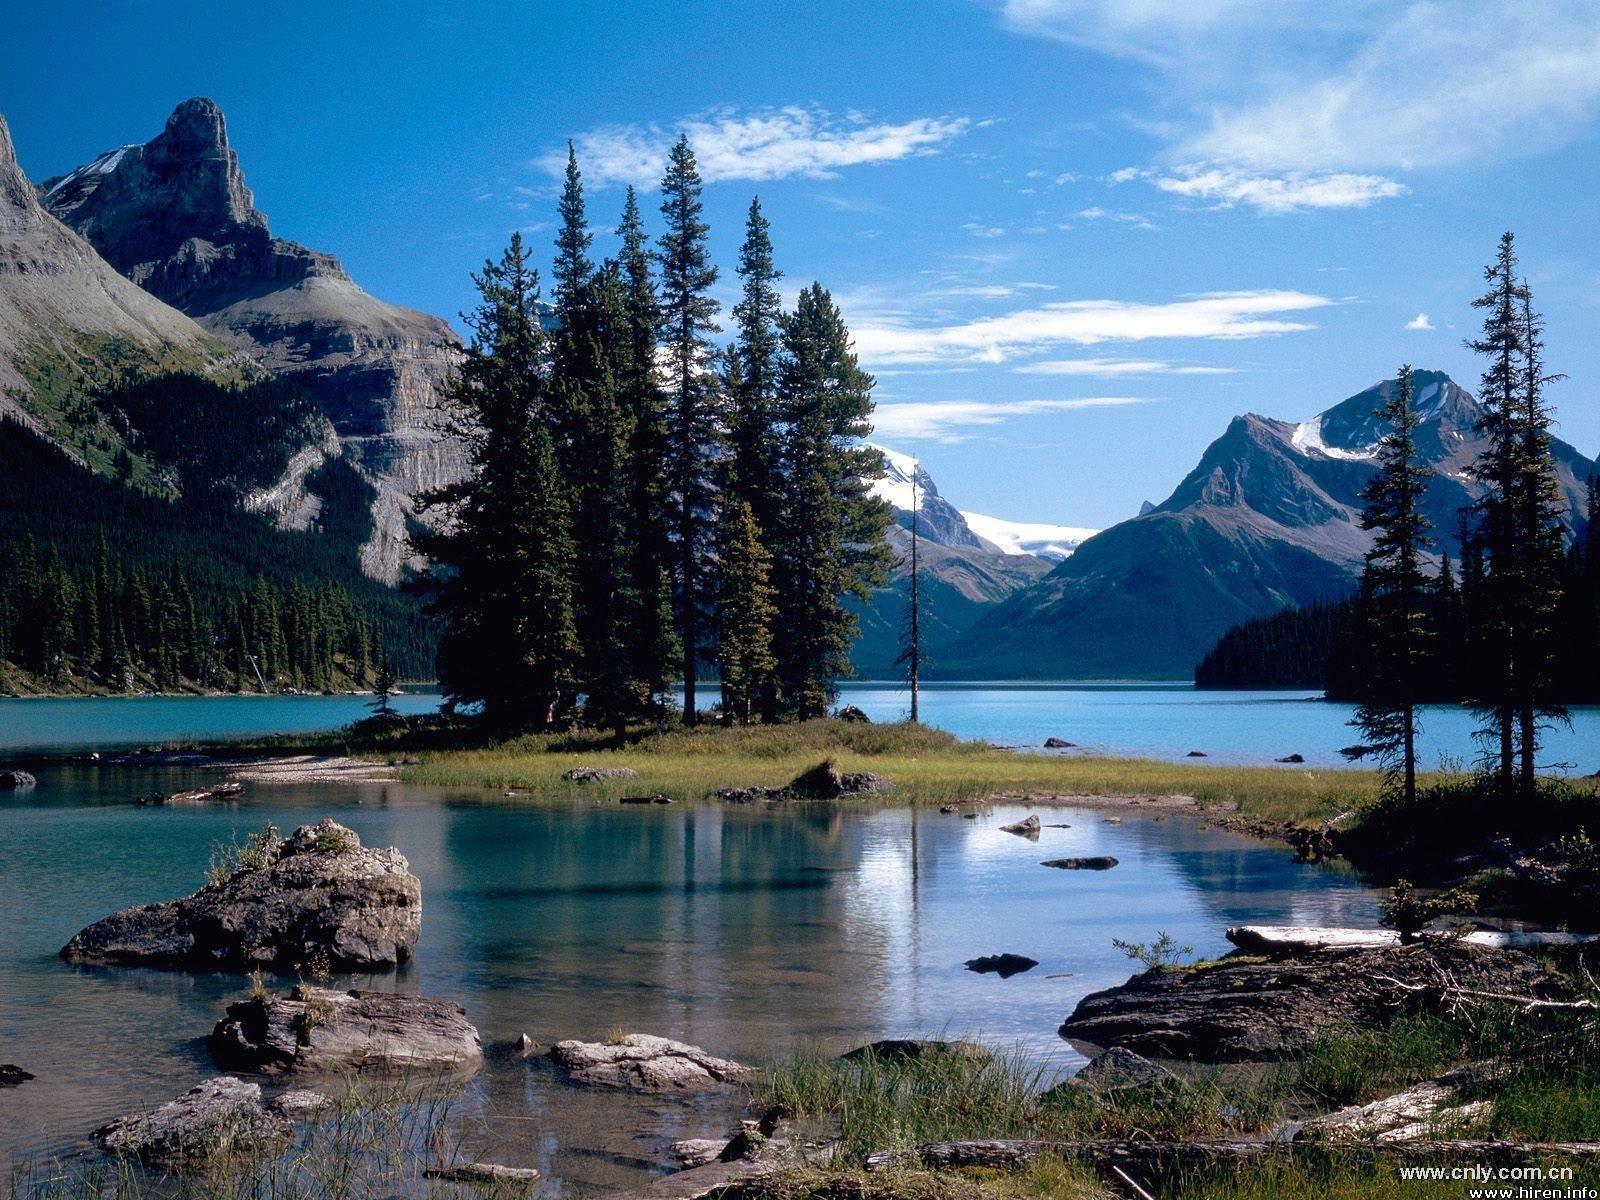 枫叶之国——加拿大十八日自由行